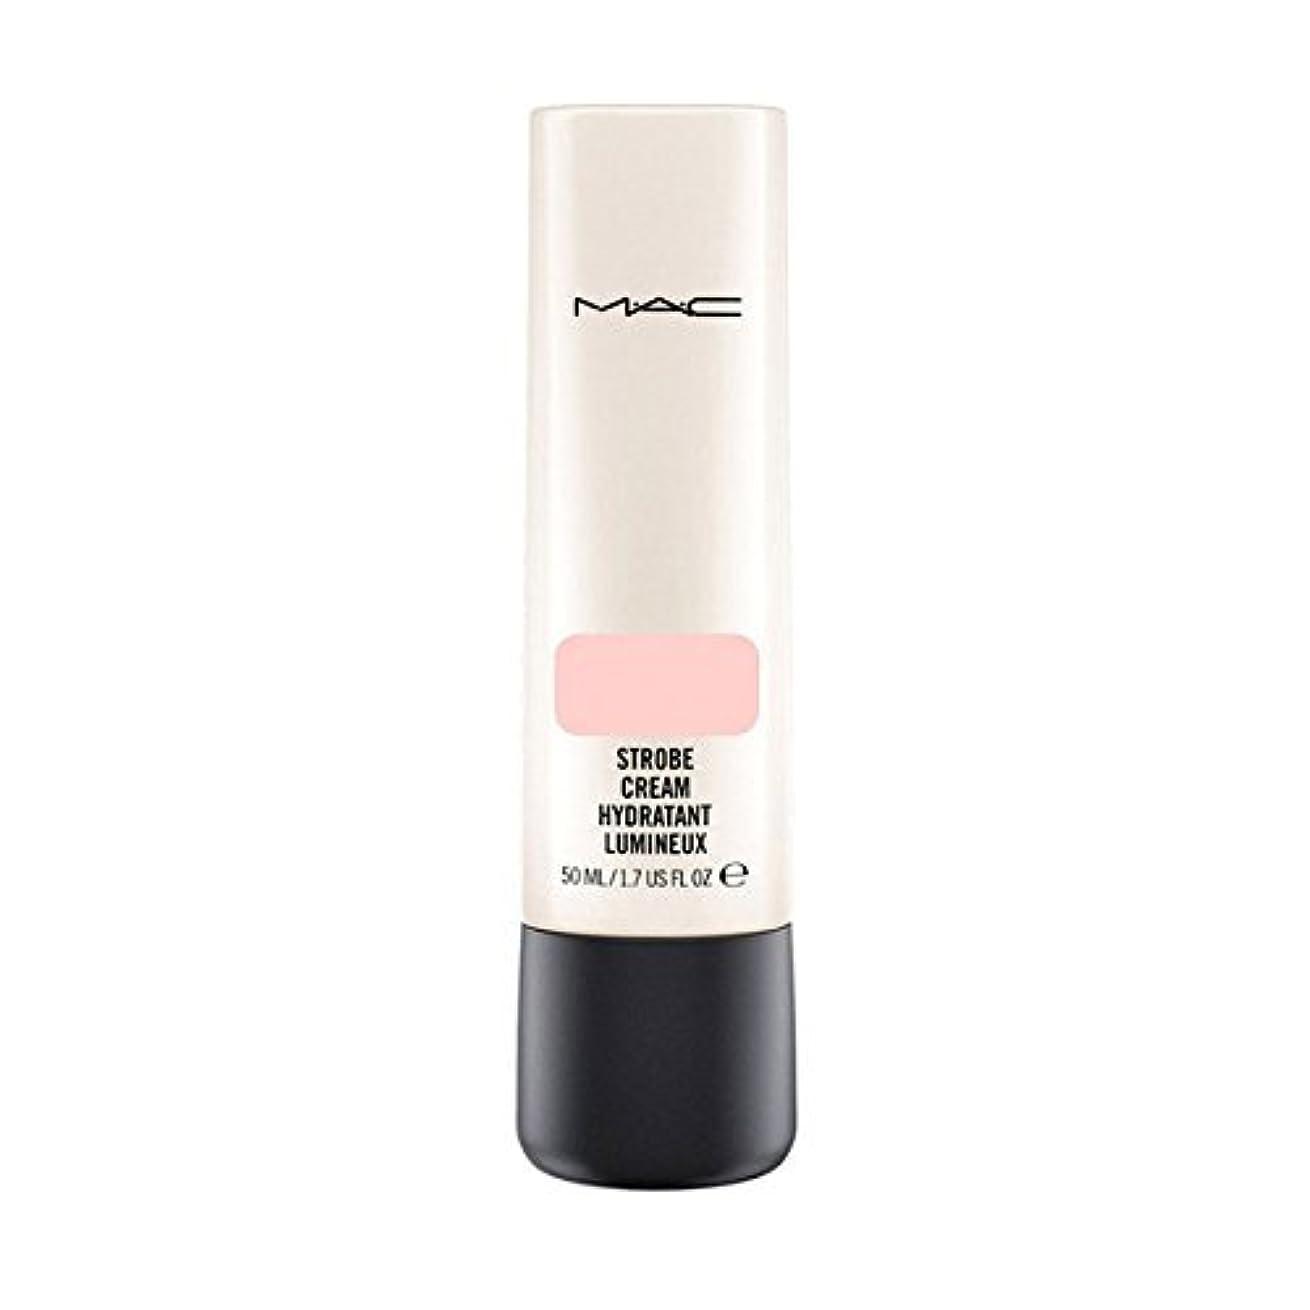 ドキュメンタリー貞札入れマック(MAC) ストロボ クリーム ピンク ライト/Pink Light 50ml[並行輸入品]